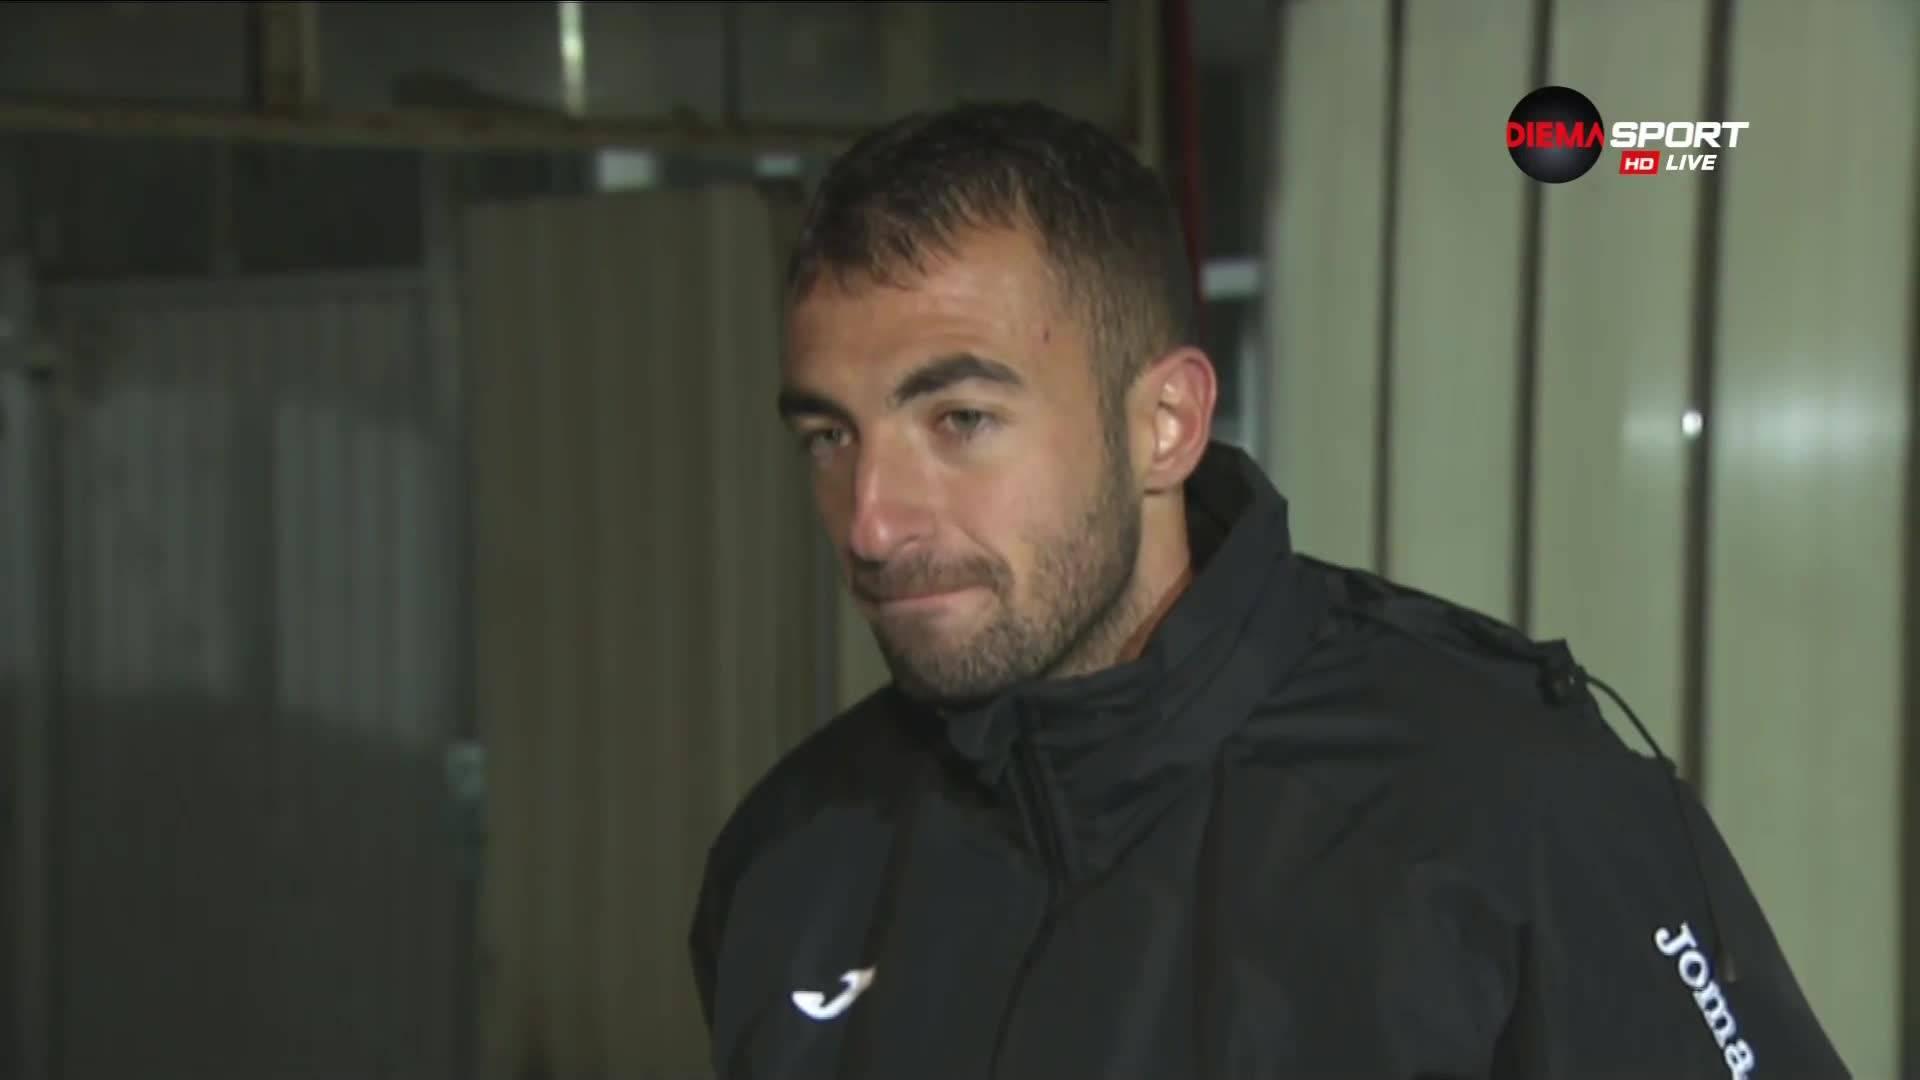 Младенов: Теренът не позволяваше да се играе много футбол